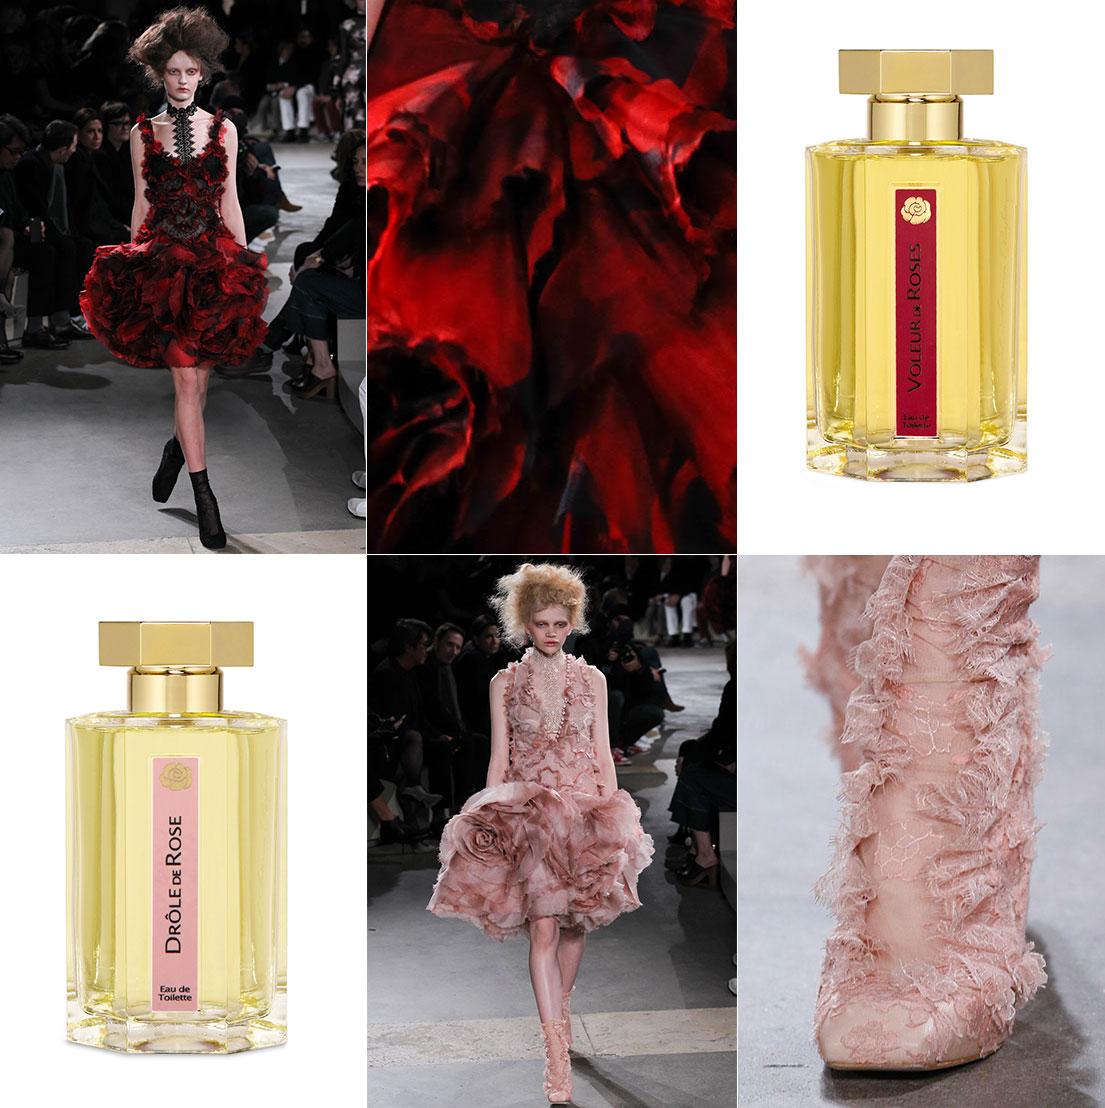 l'artisan parfumeur alexander mc queen